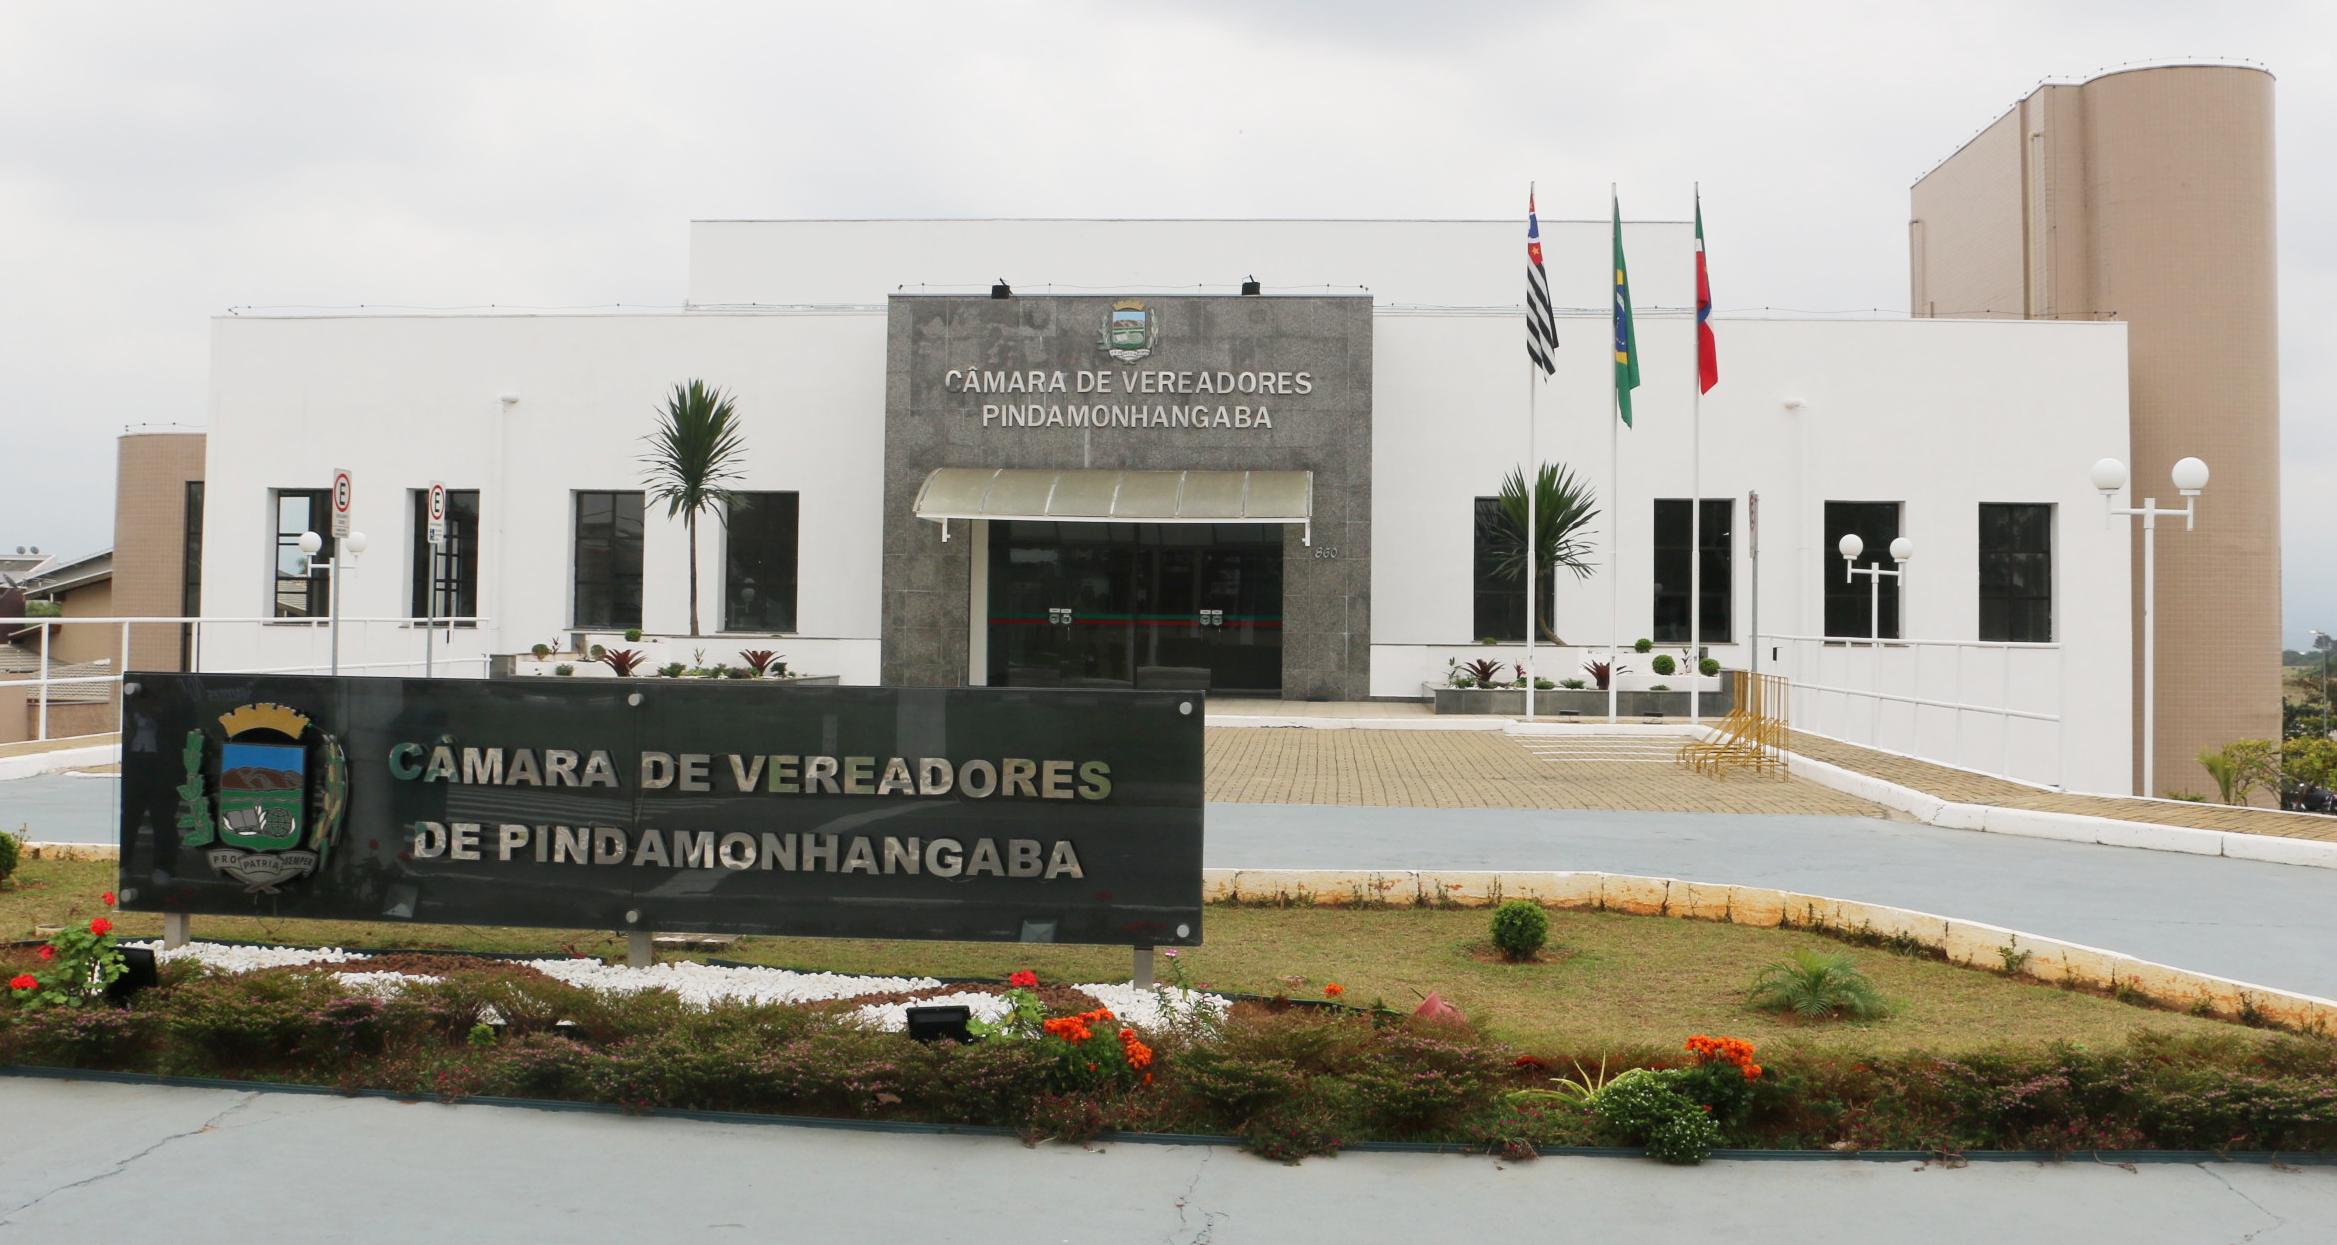 Projeto de concessão de cesta básica aos servidores municipais têm votação adiada após pedidos de vereadores de Pindamonhangaba